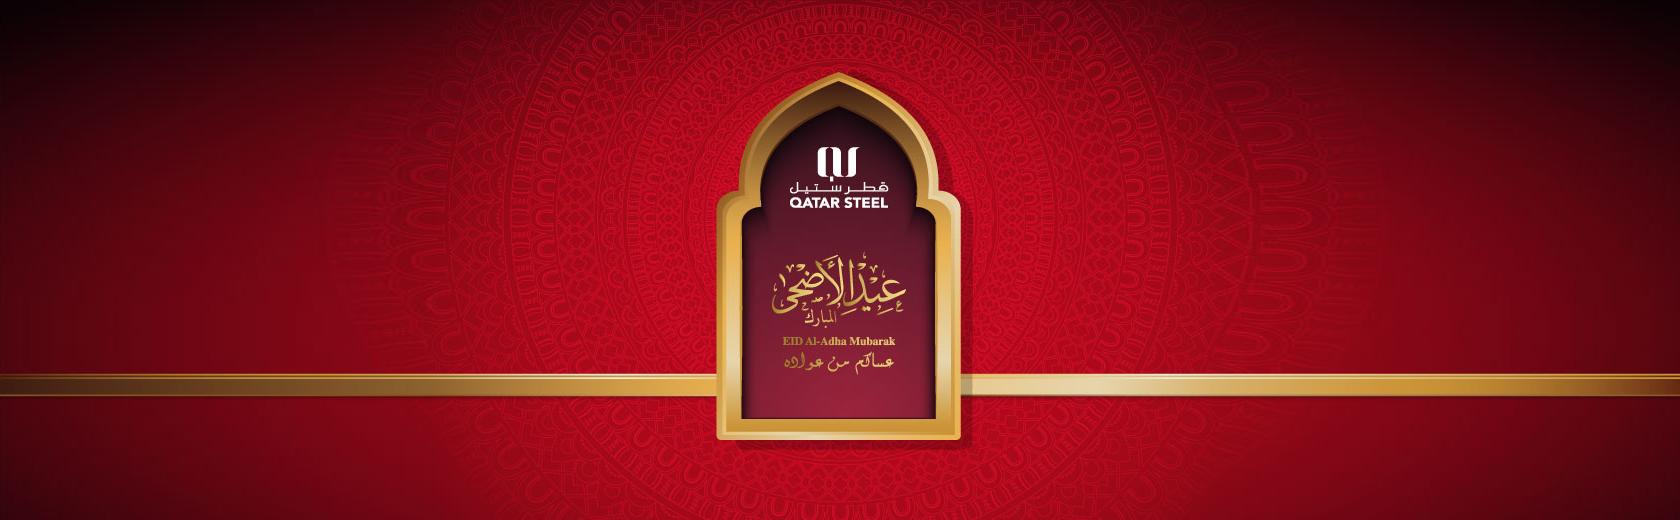 eid-adha-card